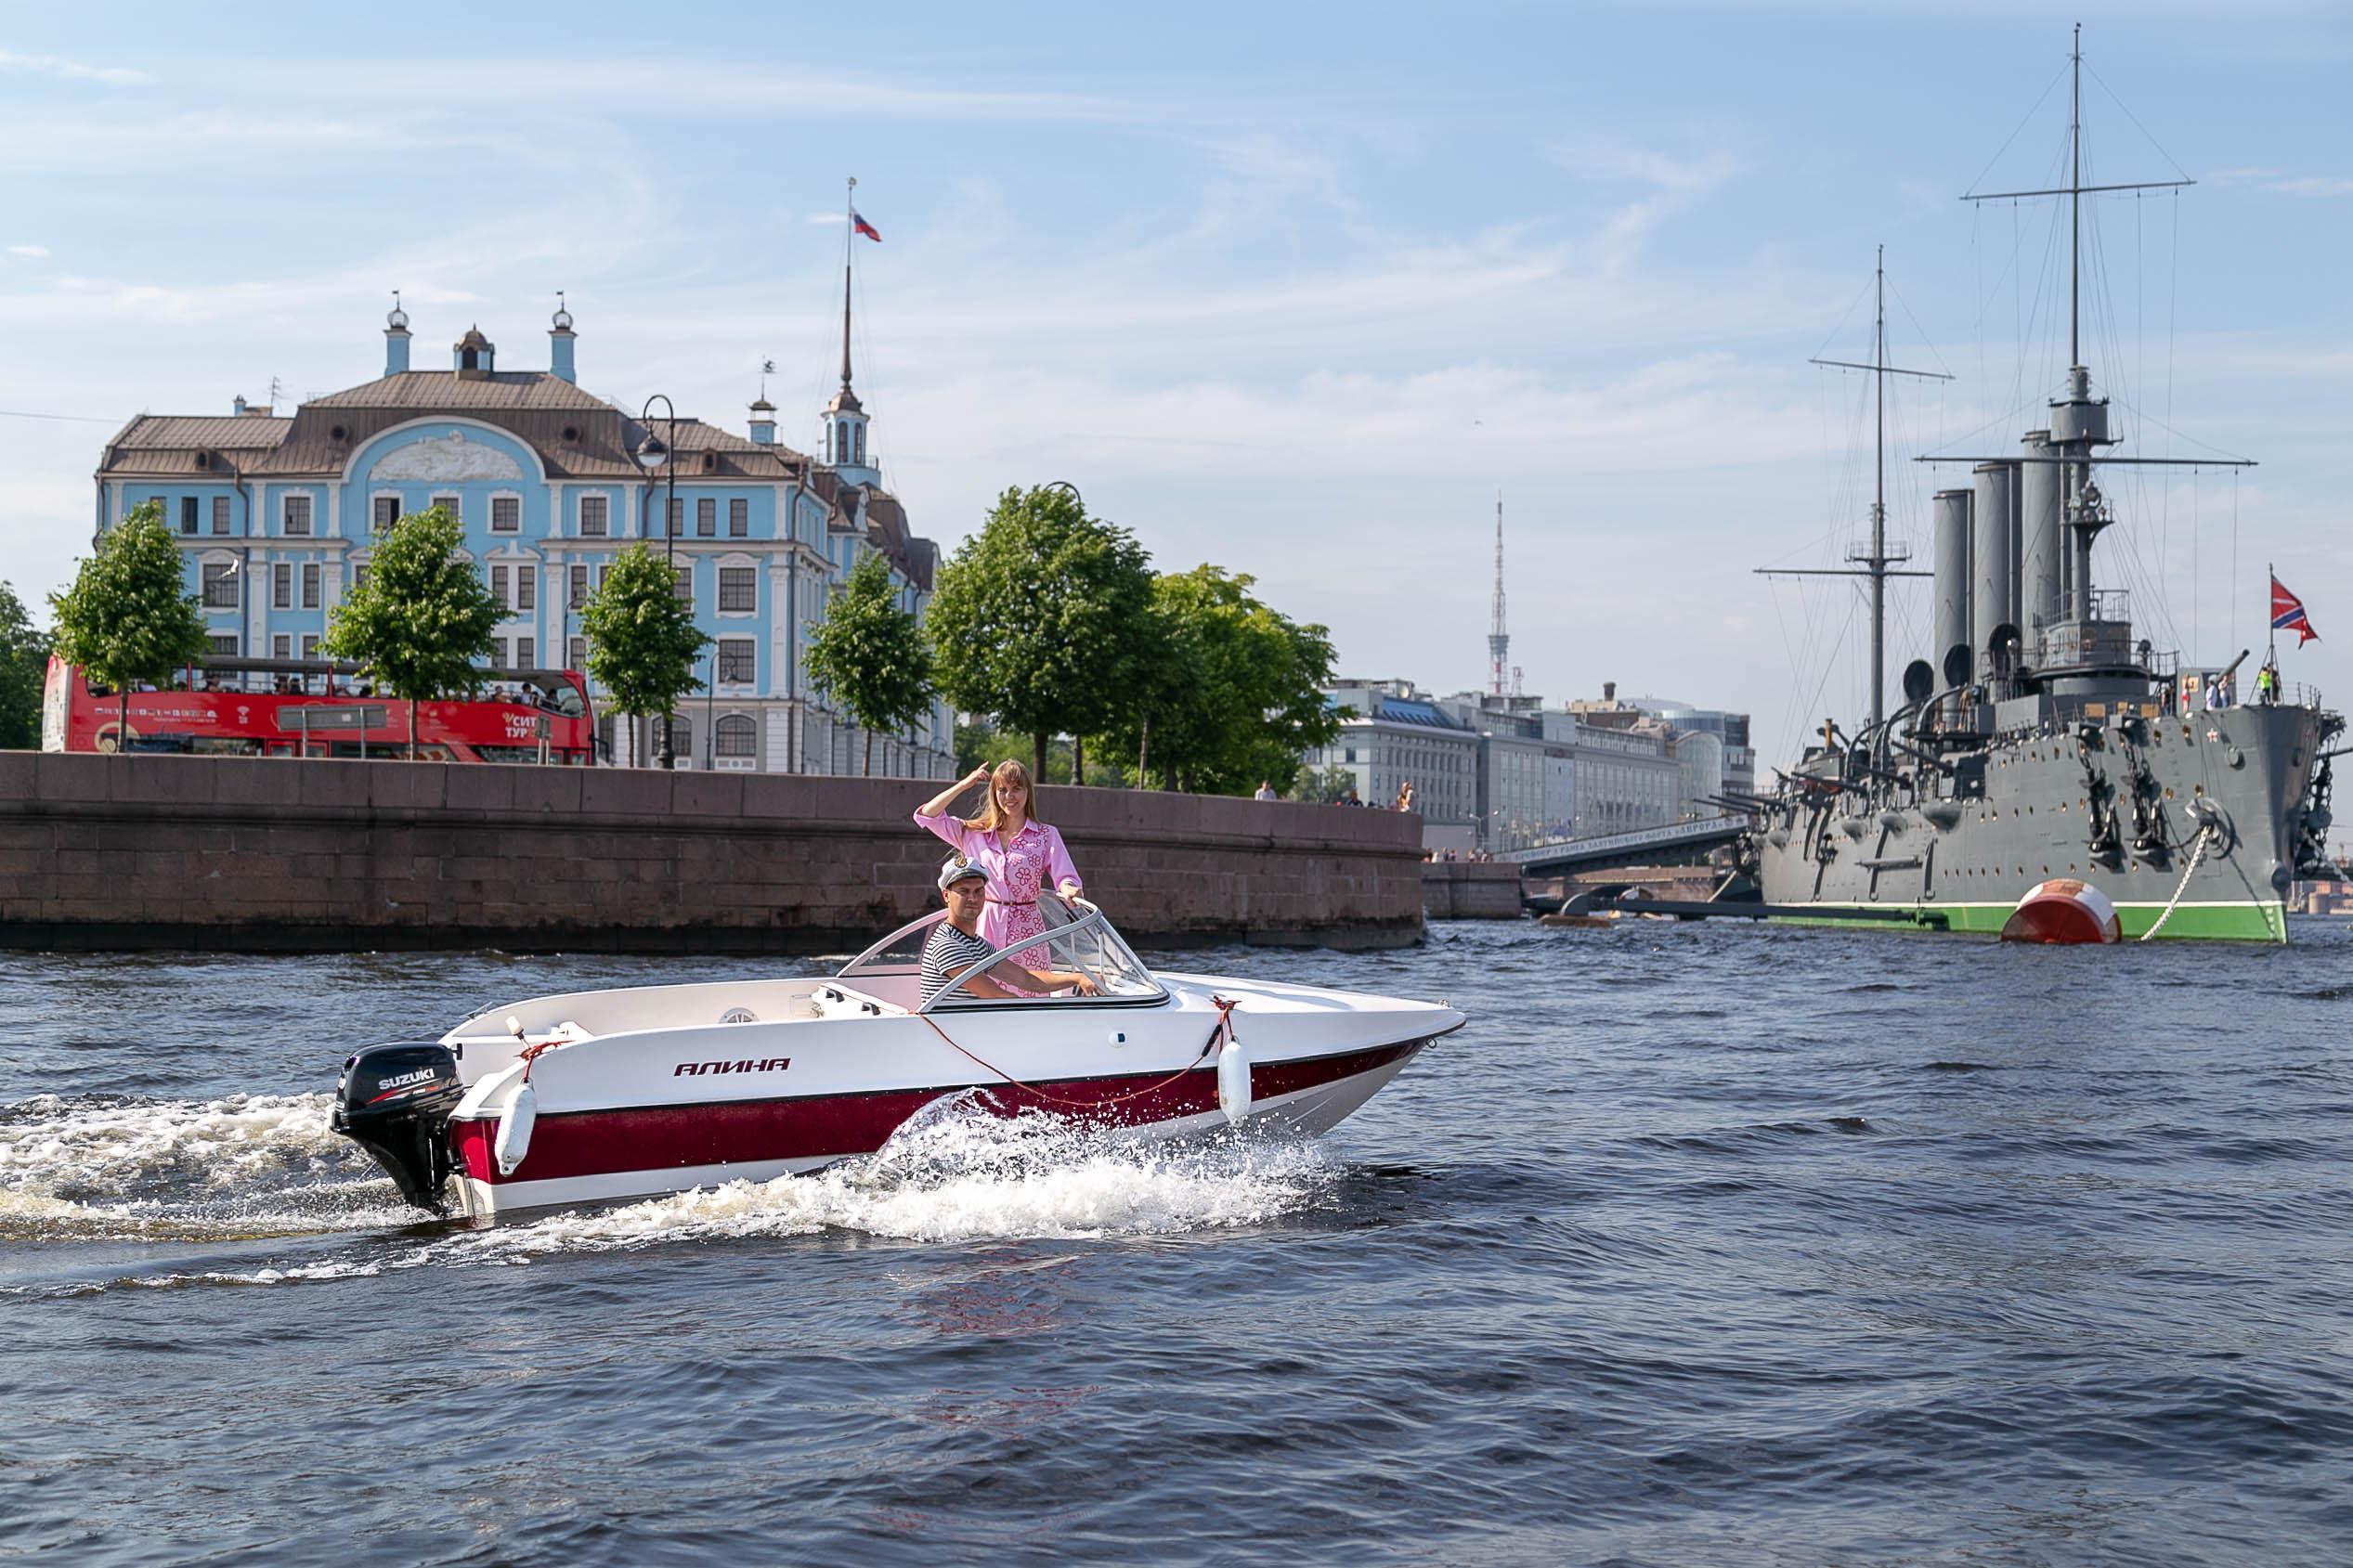 Индивидуальные прогулки на катере по рекам и каналам Санкт-Петербурга